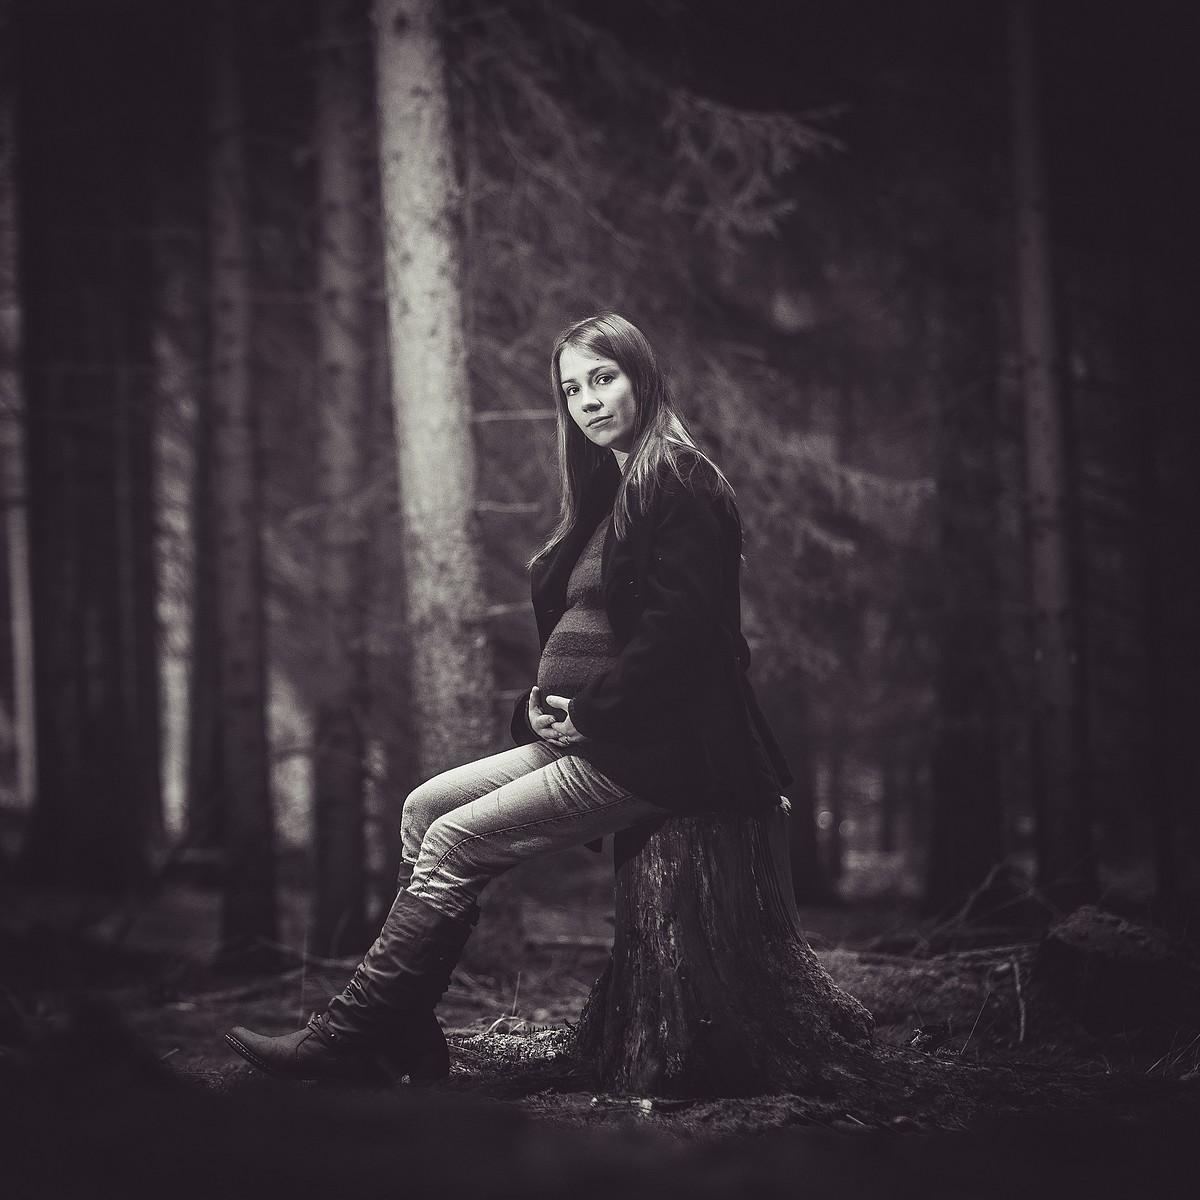 netradicni_tehotenske_foto_tehulky_priroda_62494940